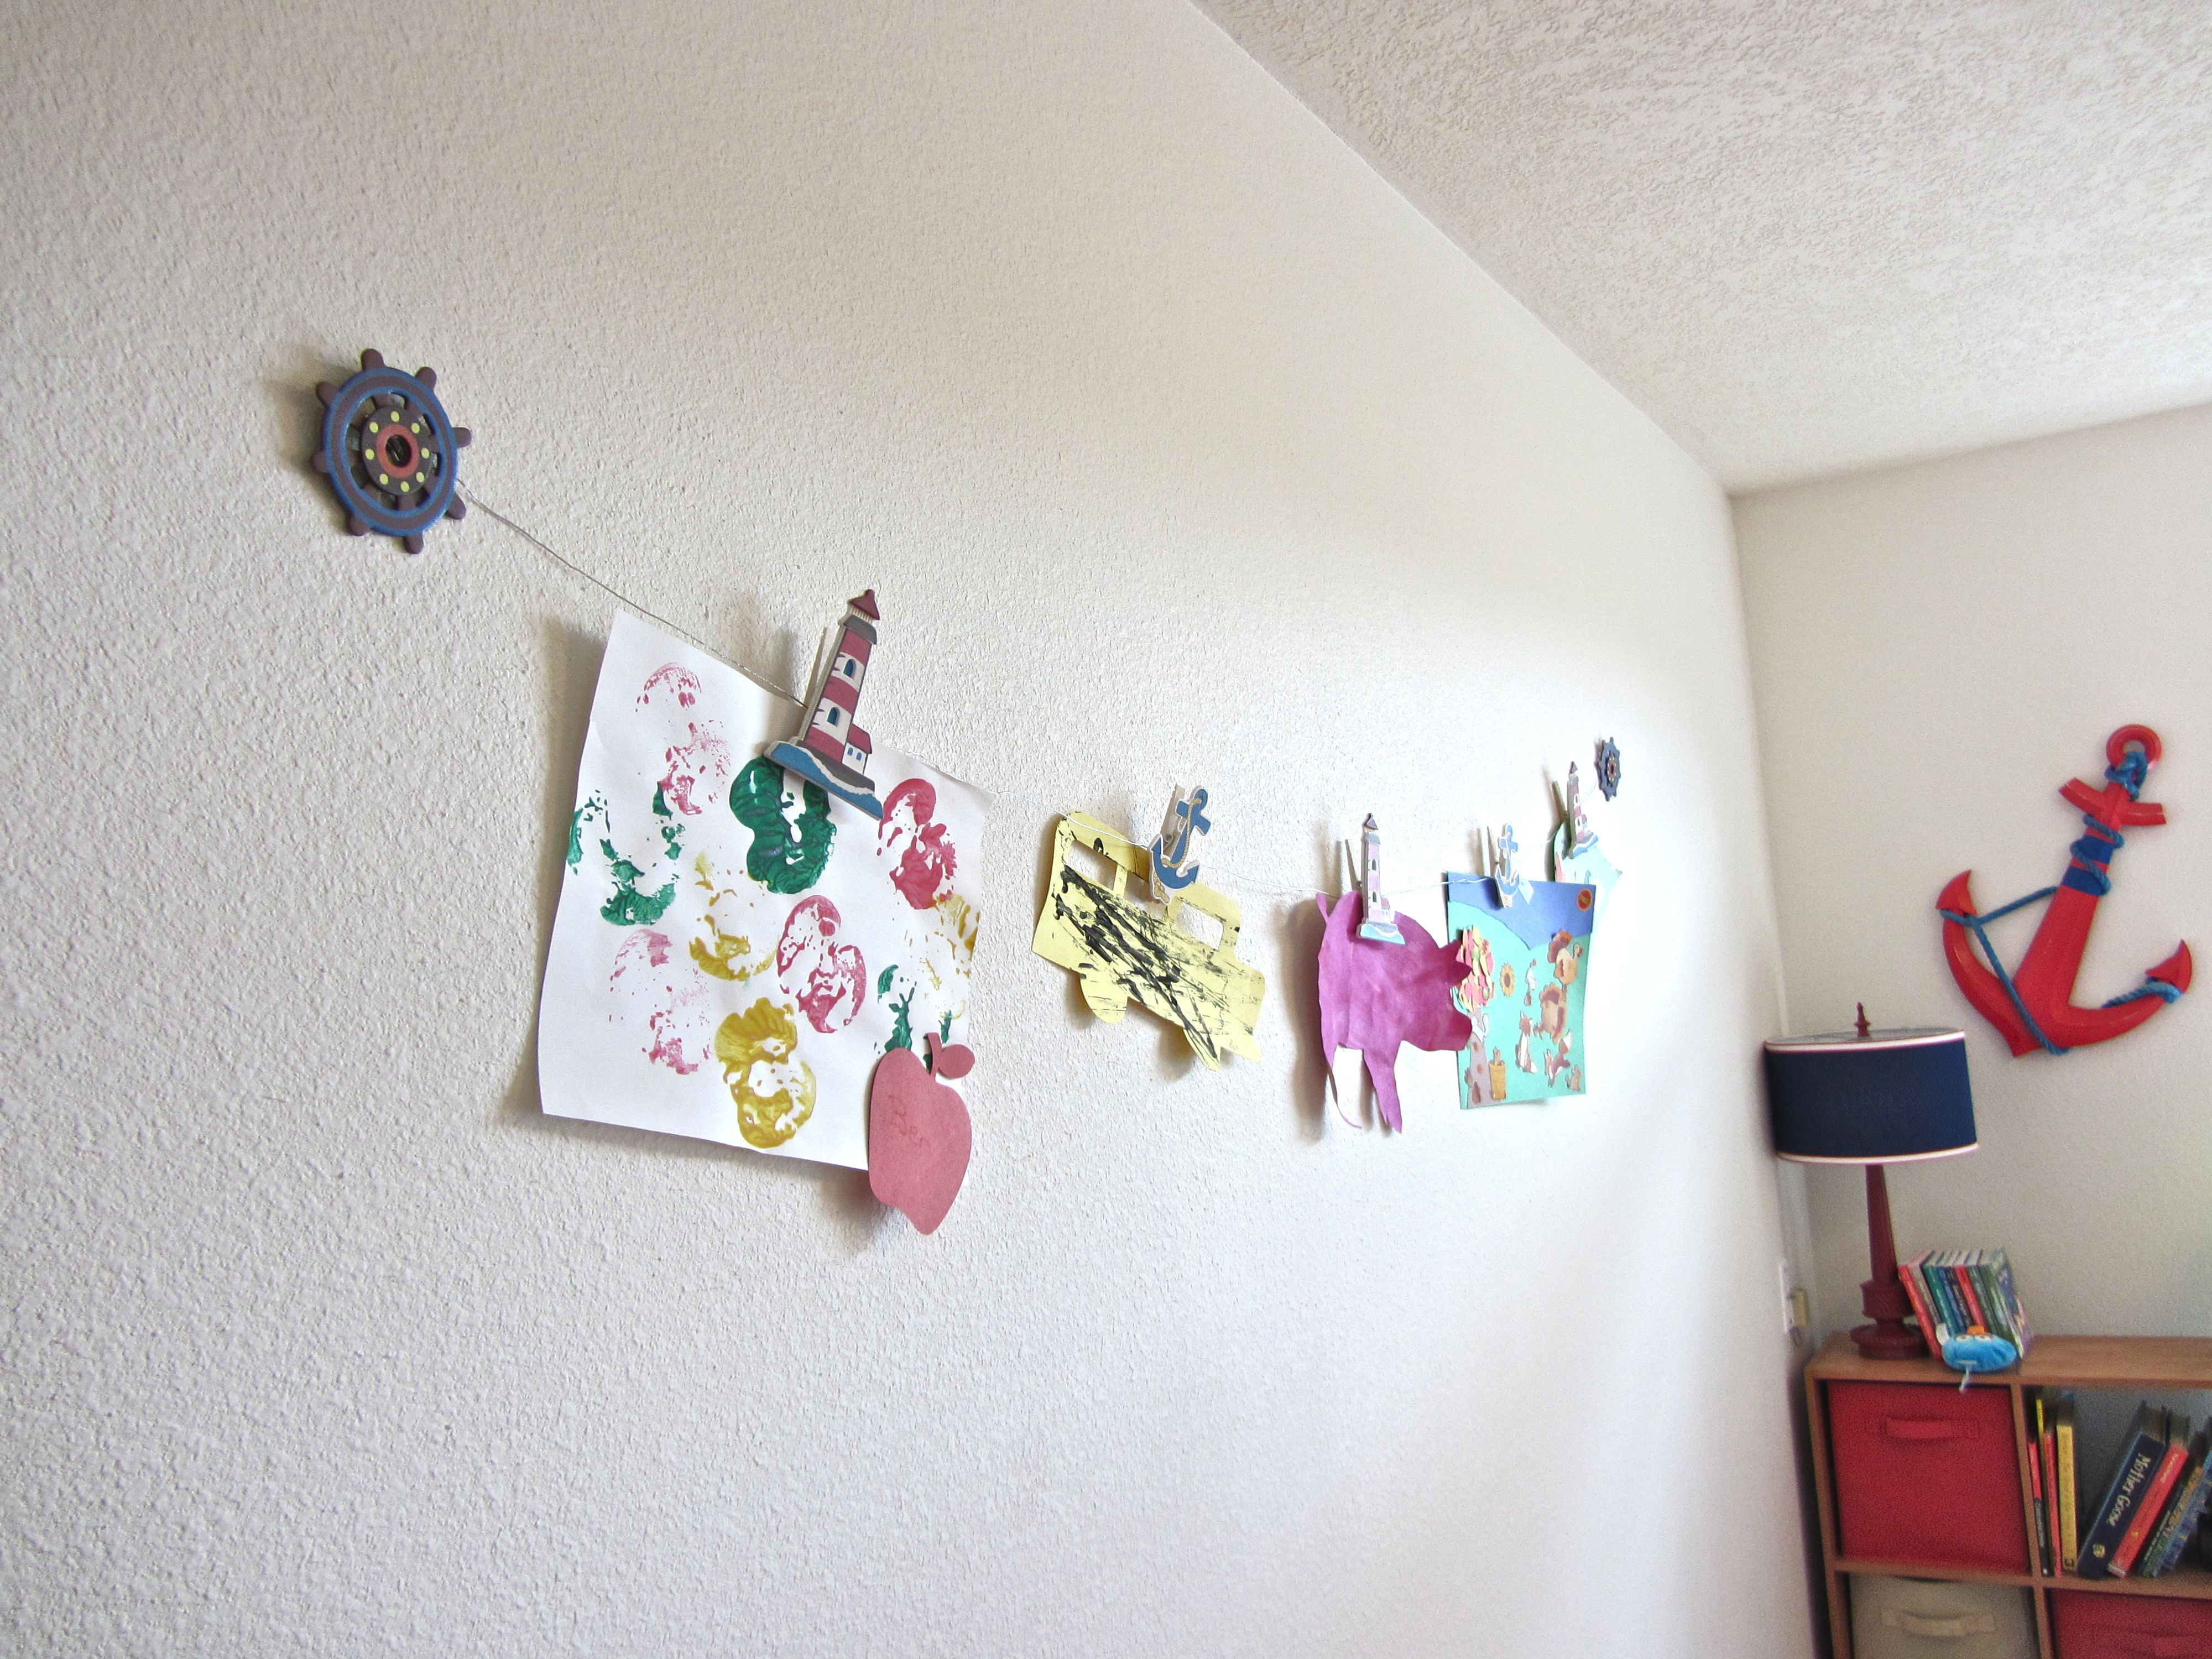 Diy Clothesline Art Display Artwork Display Displaying Kids